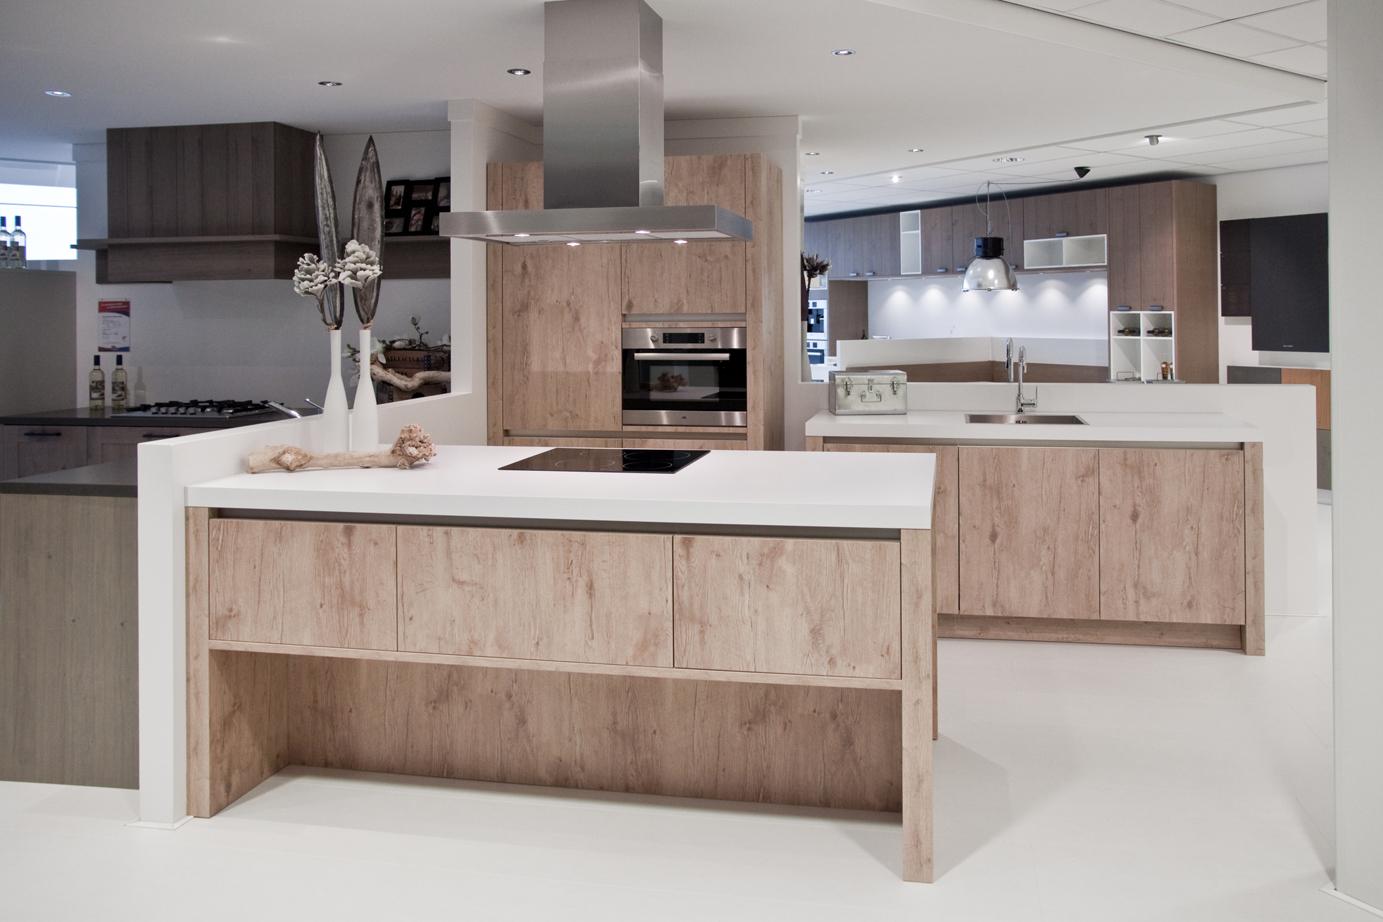 Kookeiland Afbeeldingen : Keuken met kookeiland! Compleet met apparatuur DB Keukens